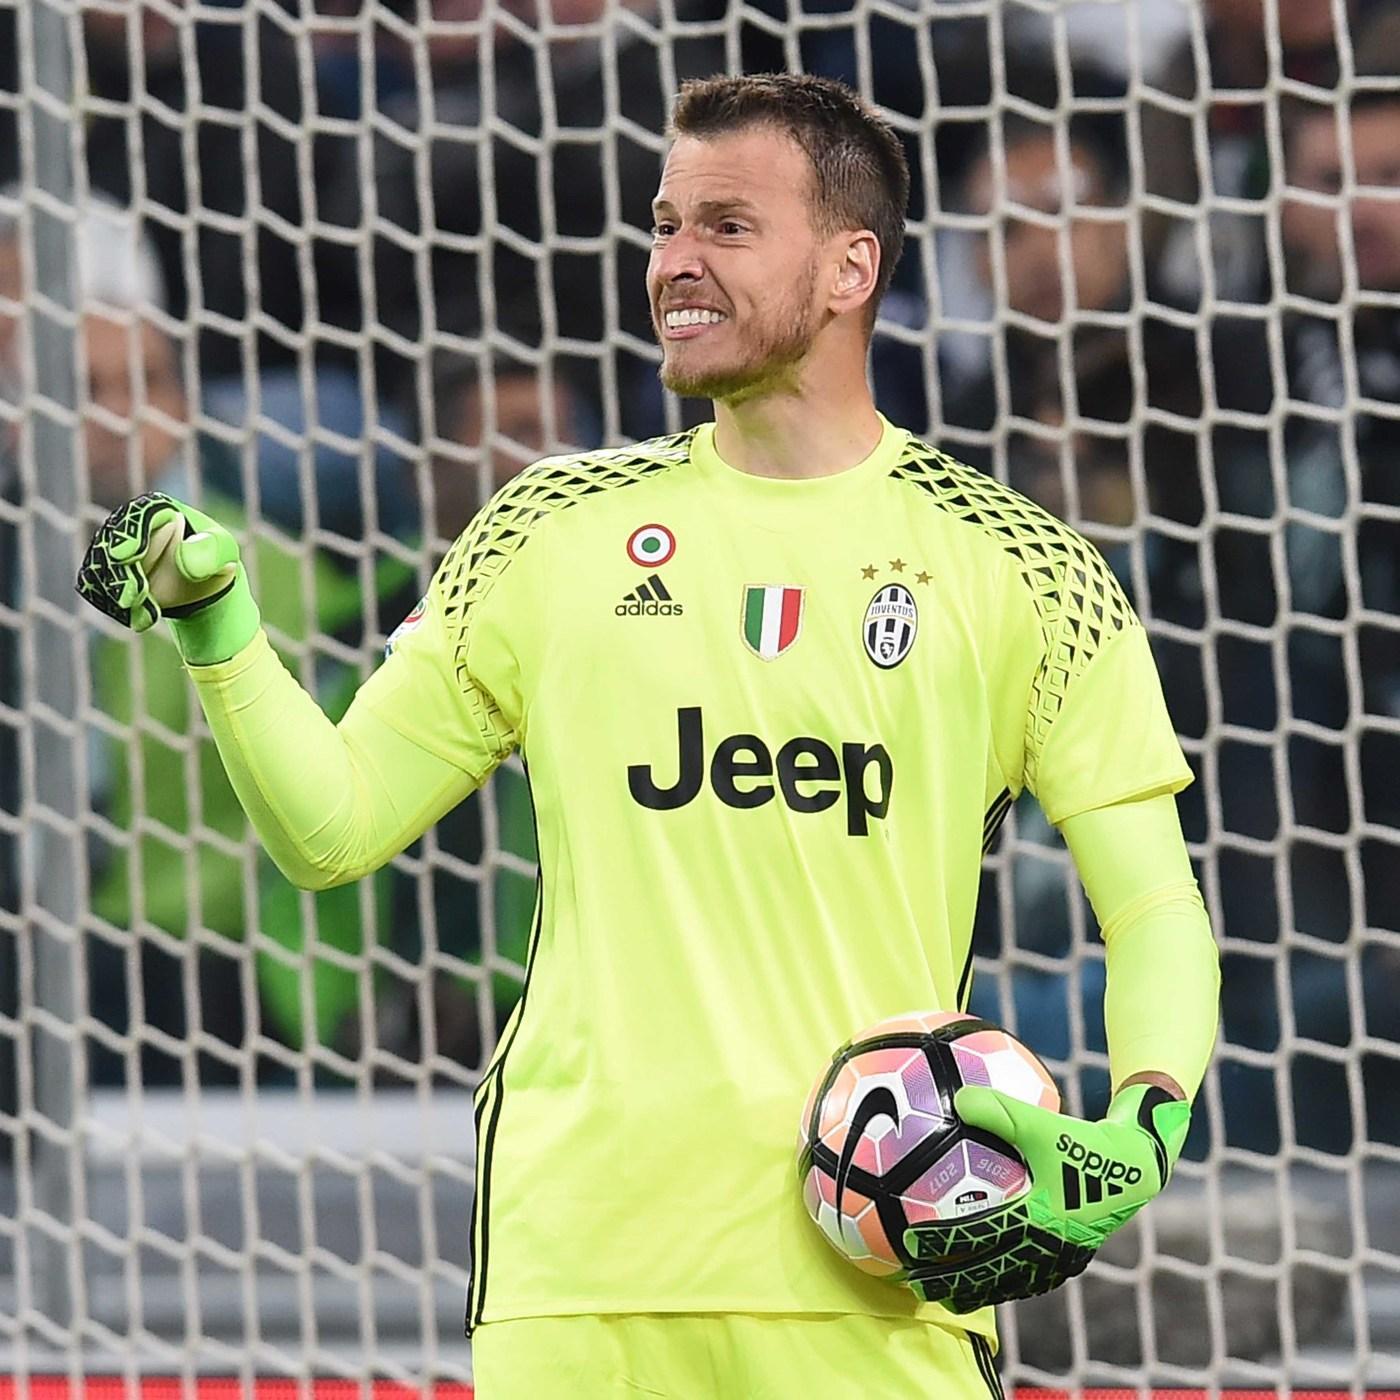 Neto, arrivato alla Juve nel 2015 e ceduto al Valencia nel 2017 in cambio di 6 milioni più bonus.